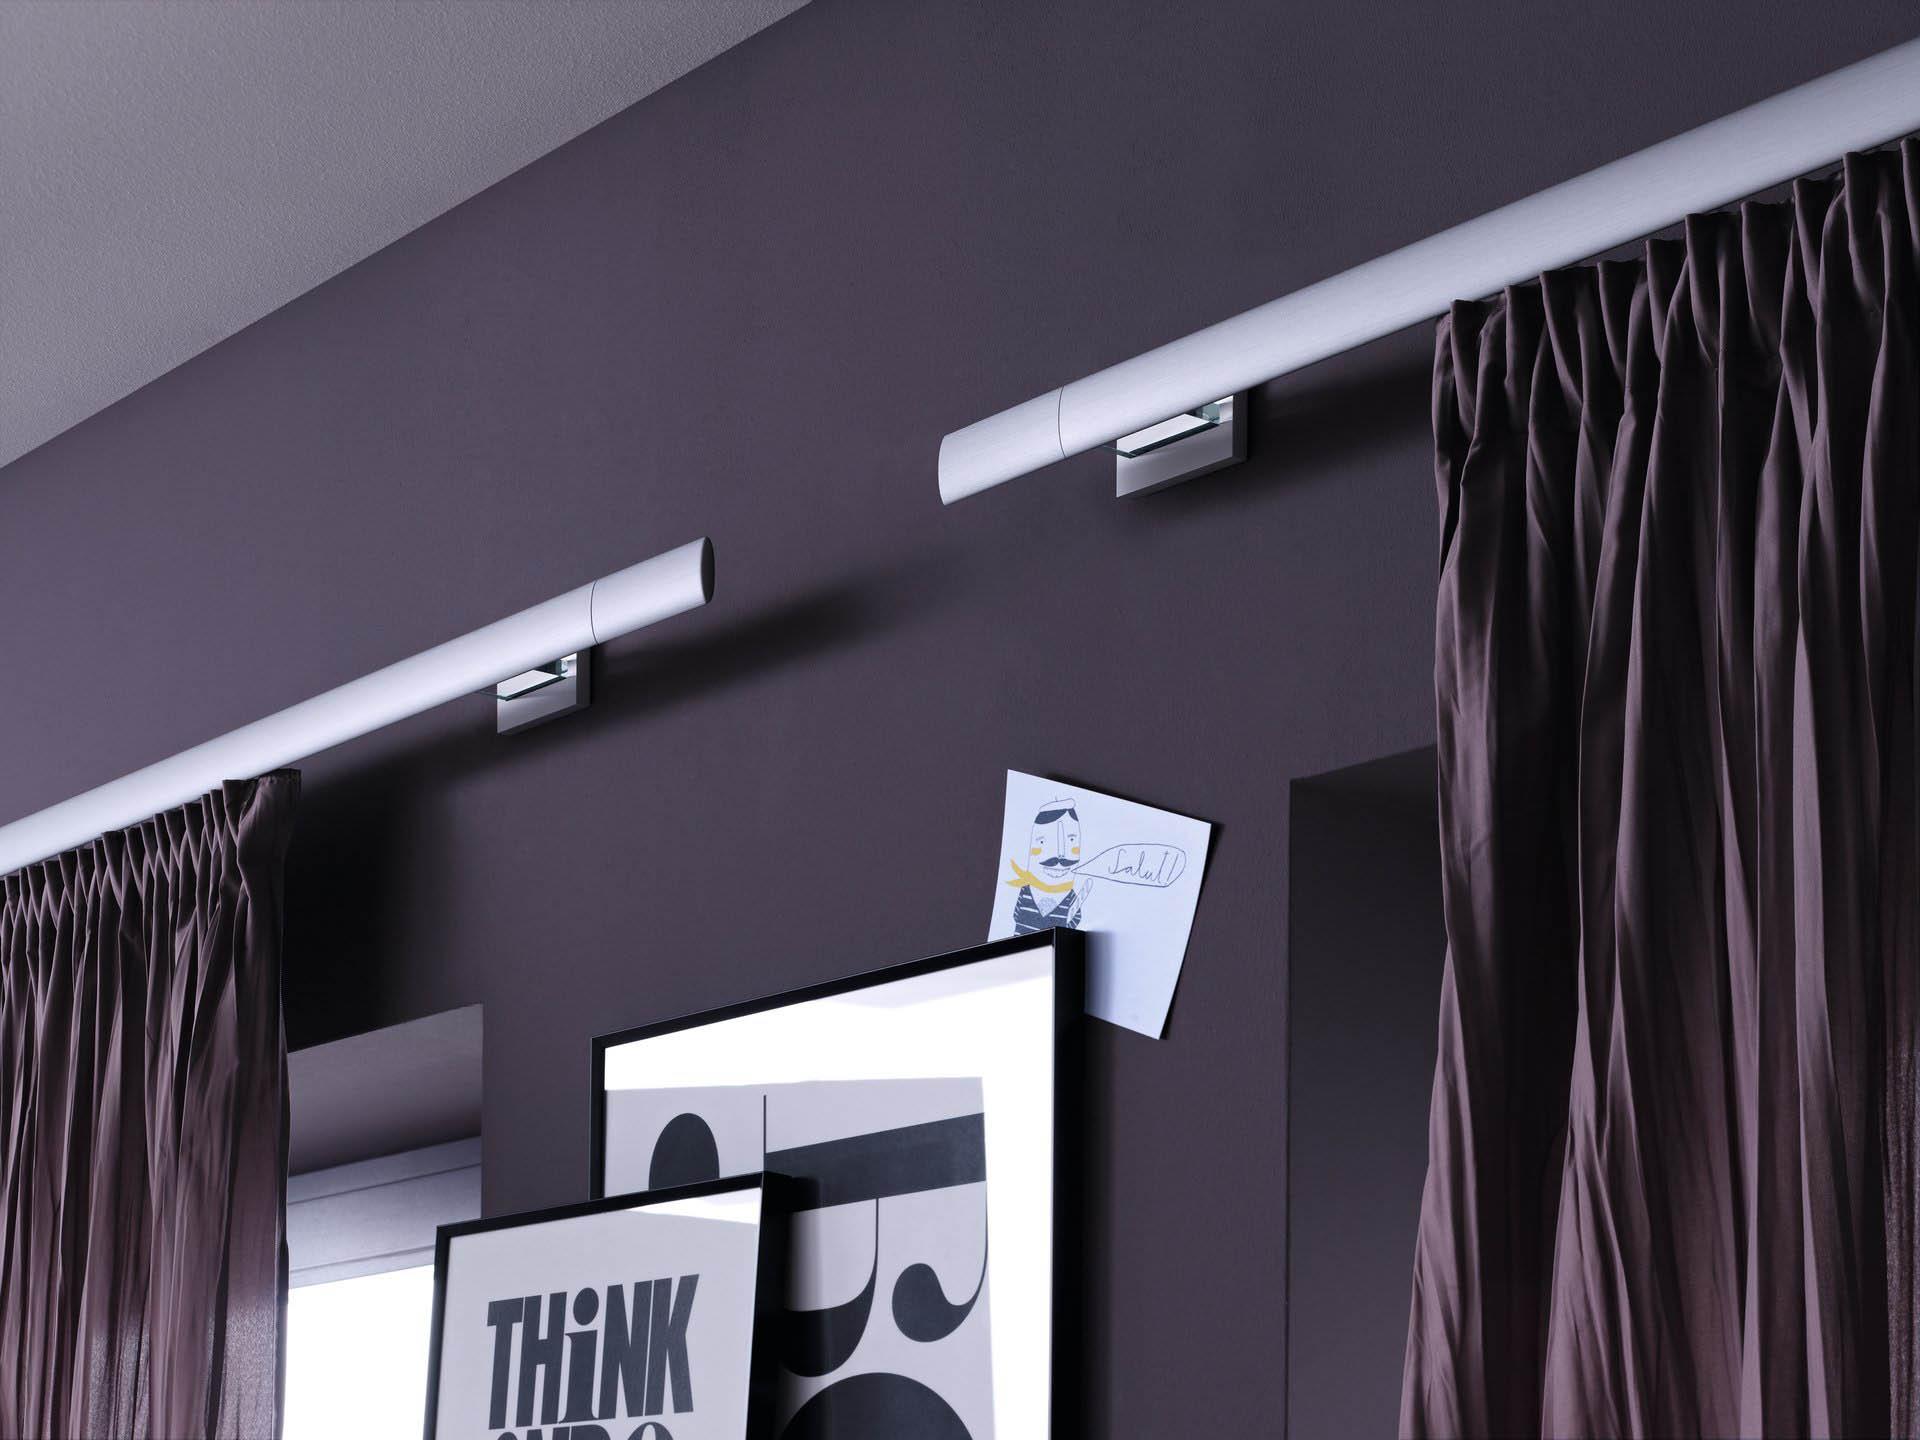 шторы на профильном карнизе алюминиевом